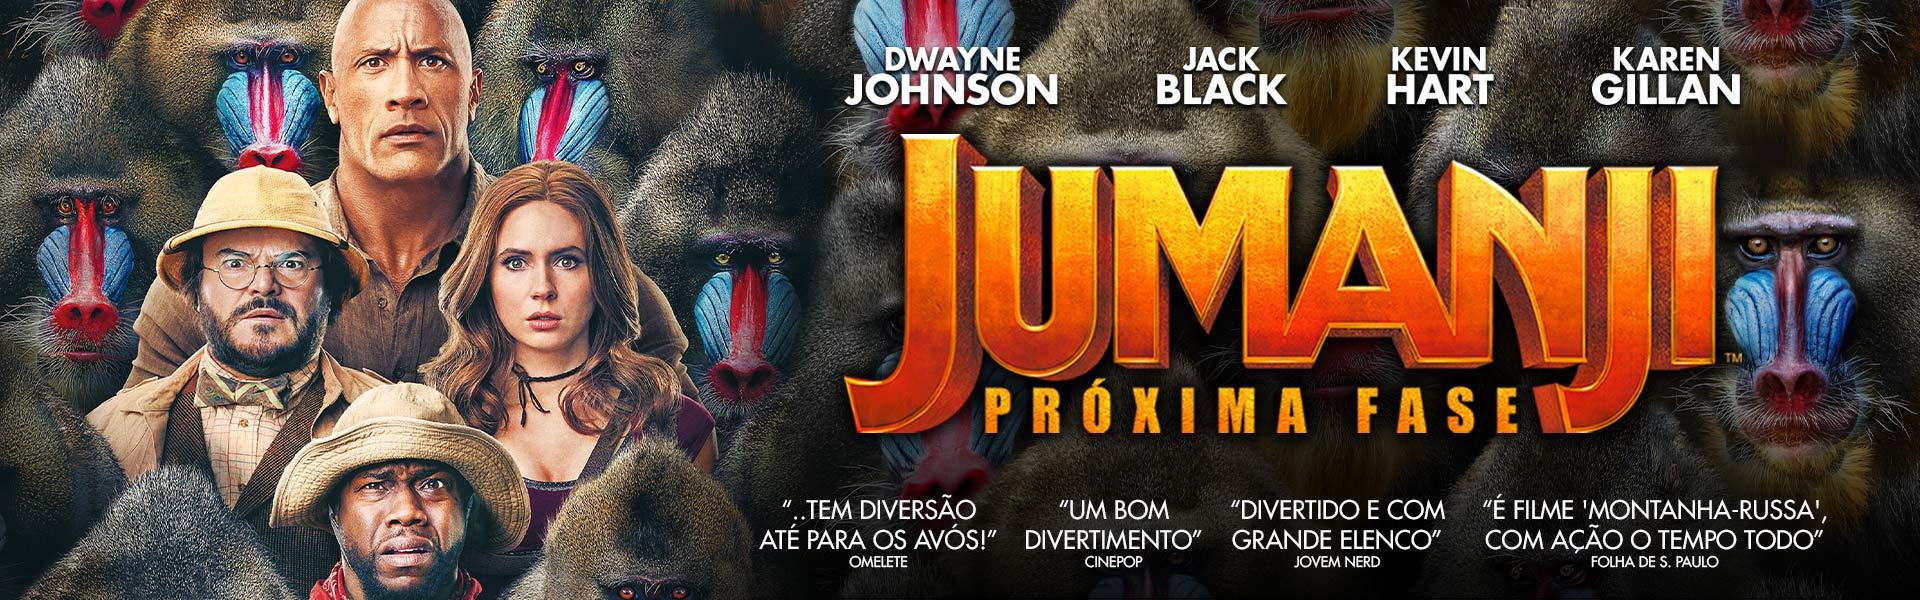 Jumanji - Próxima Fase